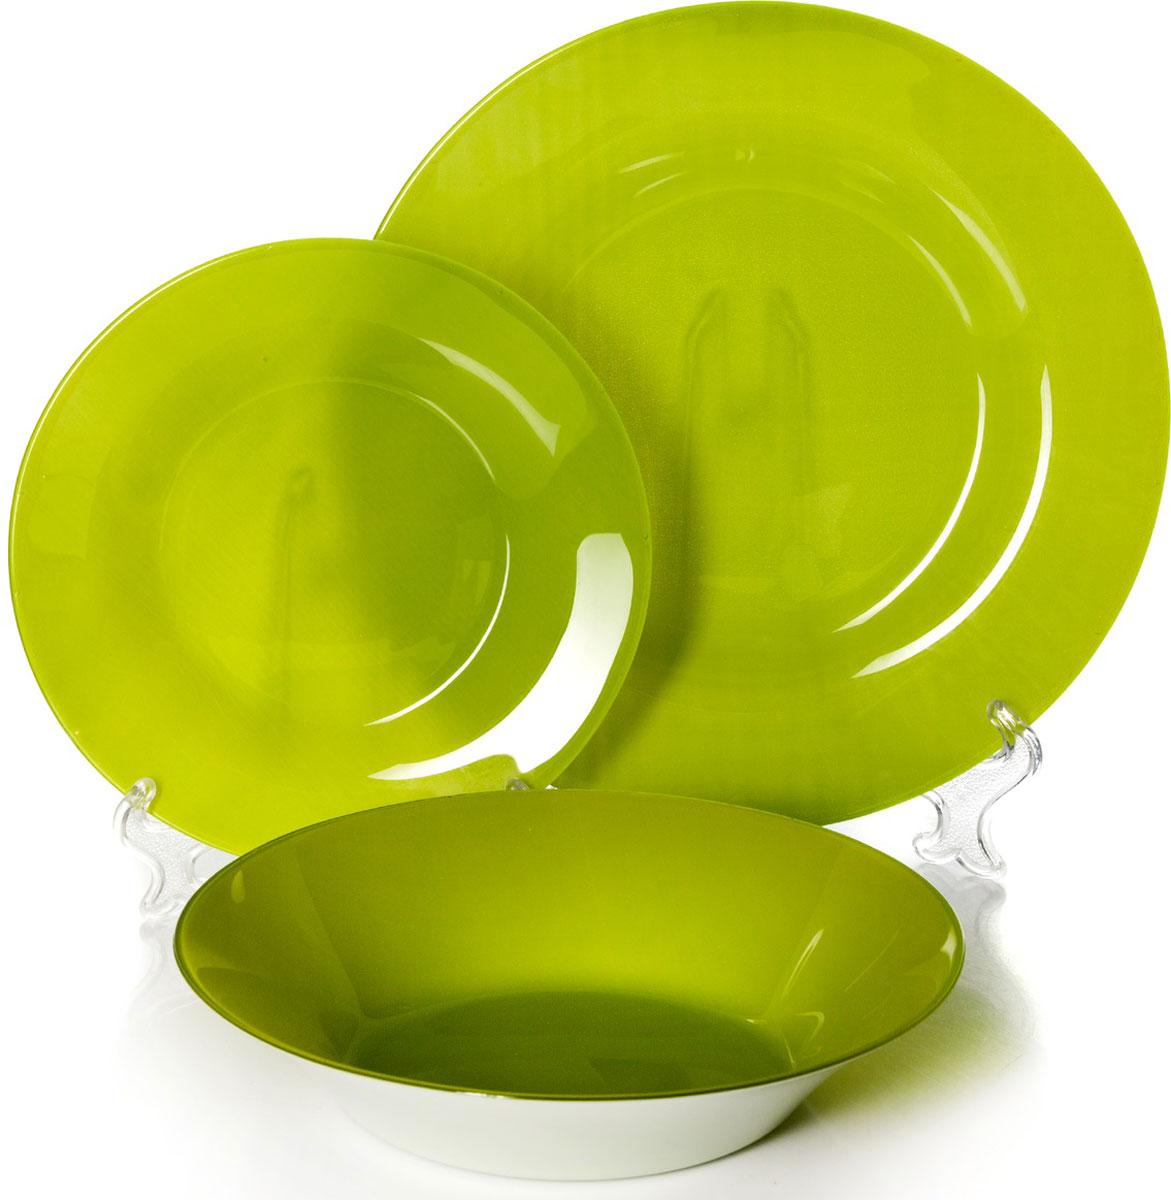 Набор тарелок Pasabahce Грин Виллаж, цвет: зеленый, 18 шт95401M/GRНабор Pasabahce Грин Виллаж состоит из 18 тарелок. Они выполнены из качественного стекла зеленого цвета. Набор отлично подойдет в качестве подарка. Изящные тарелки прекрасно оформят праздничный стол и порадуют вас и ваших гостей изысканным дизайном и формой.Диаметр тарелок: 19,5 см - 6 шт; 22 см - 6 шт;26 см - 6 шт.